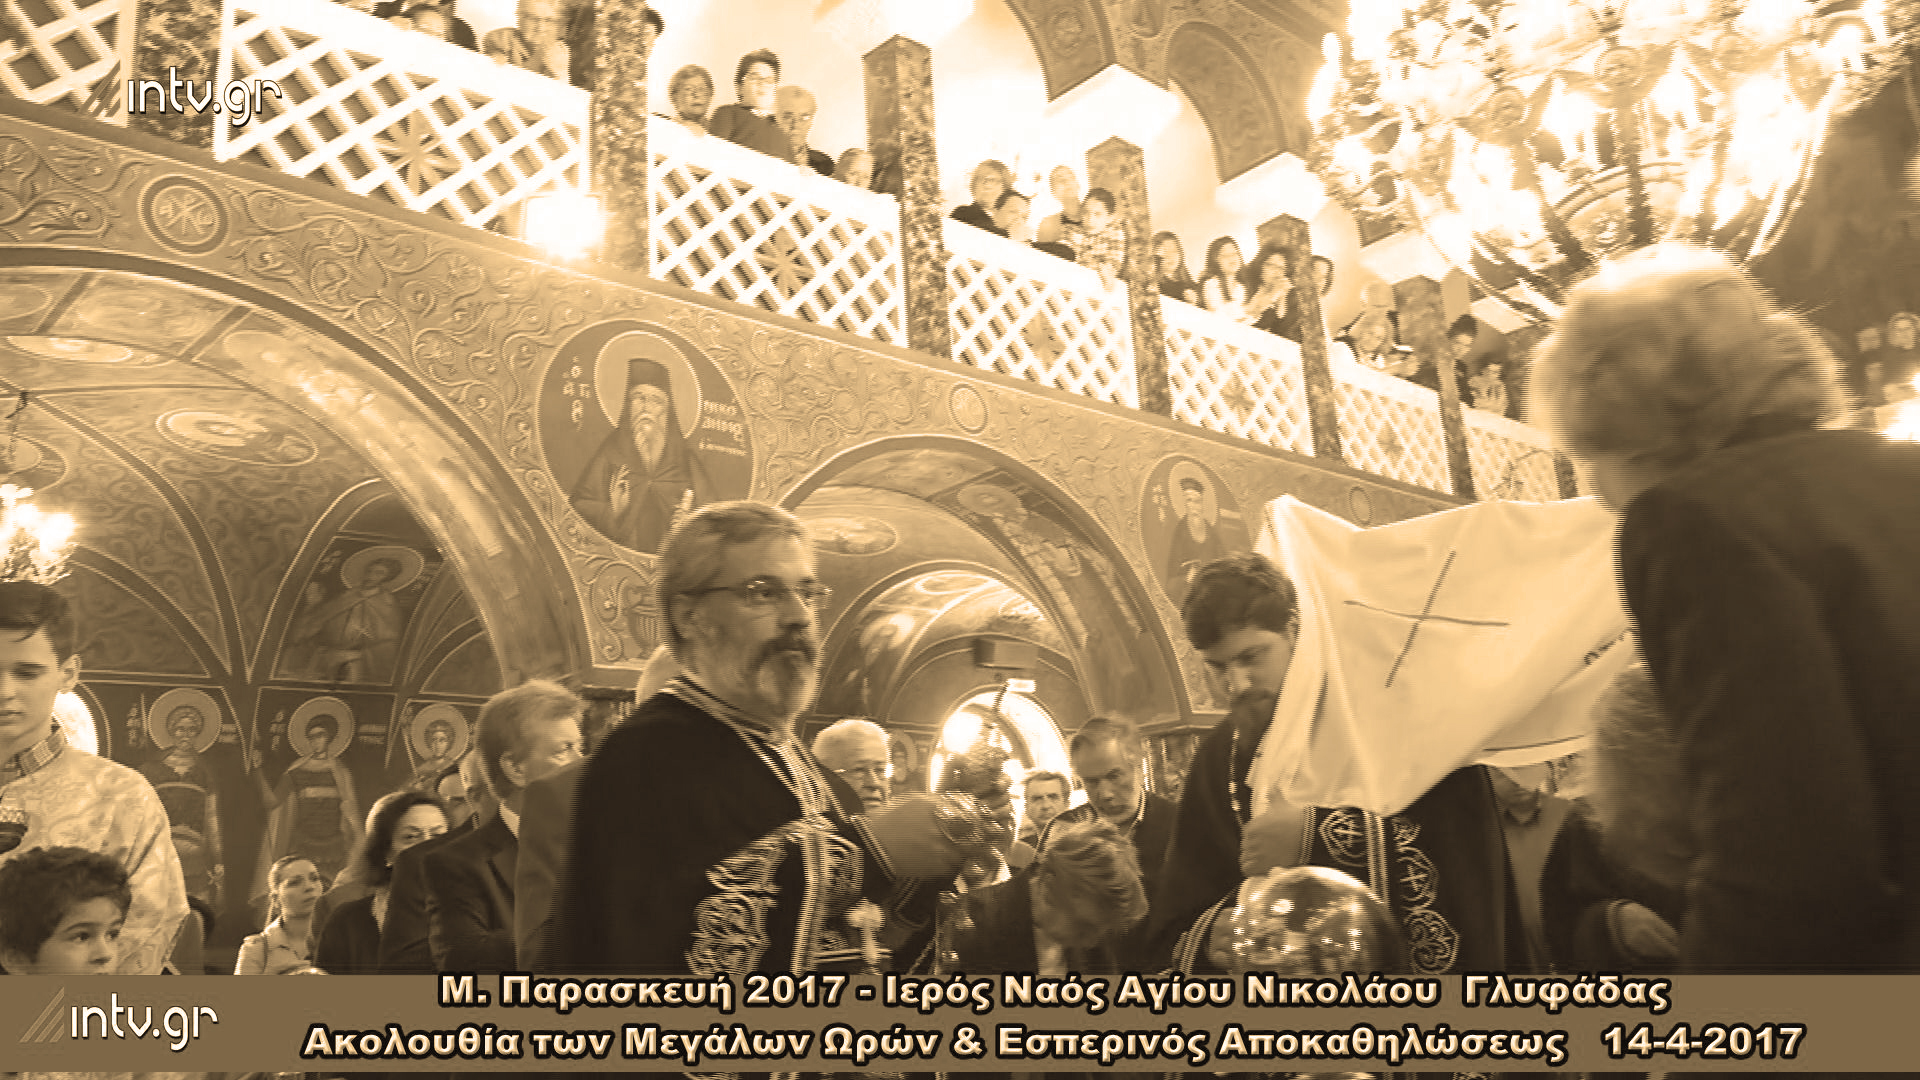 Μ. Παρασκευή 2017 - Ιερός Ναός Αγίου Νικολάου  Γλυφάδας - Ακολουθία των Μεγάλων Ωρών & Εσπερινός Αποκαθηλώσεως